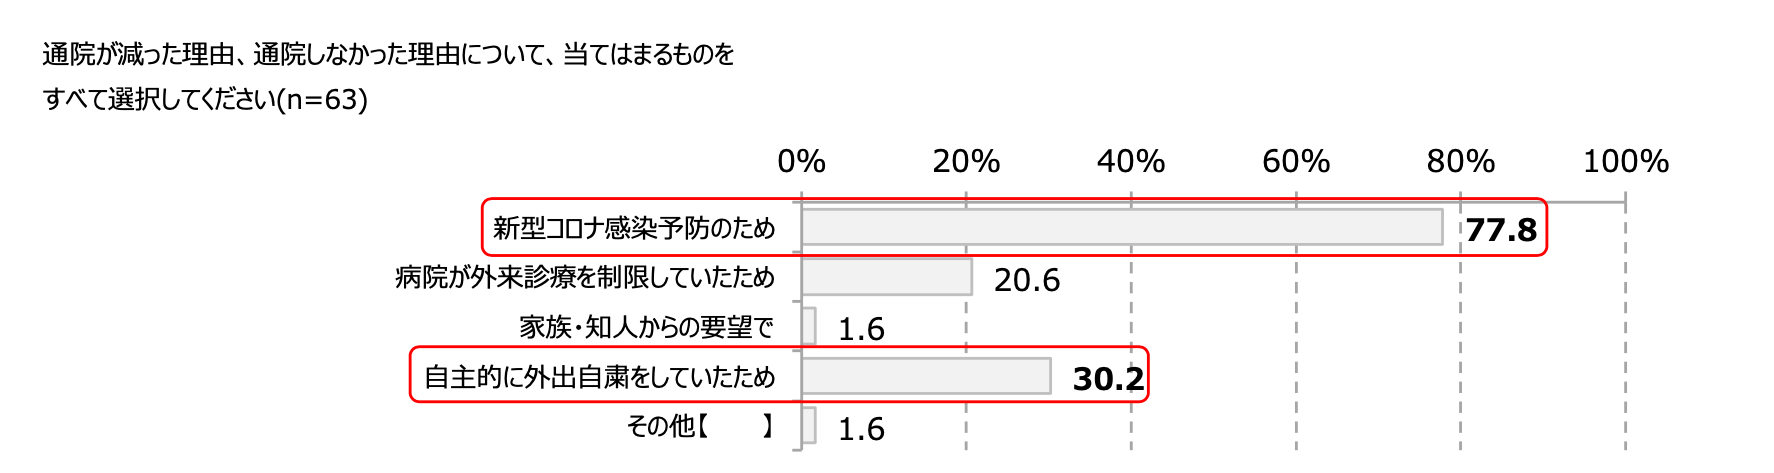 通院が減った理由、通院しなかった理由について、当てはまるものをすべて選択してください(n=63)